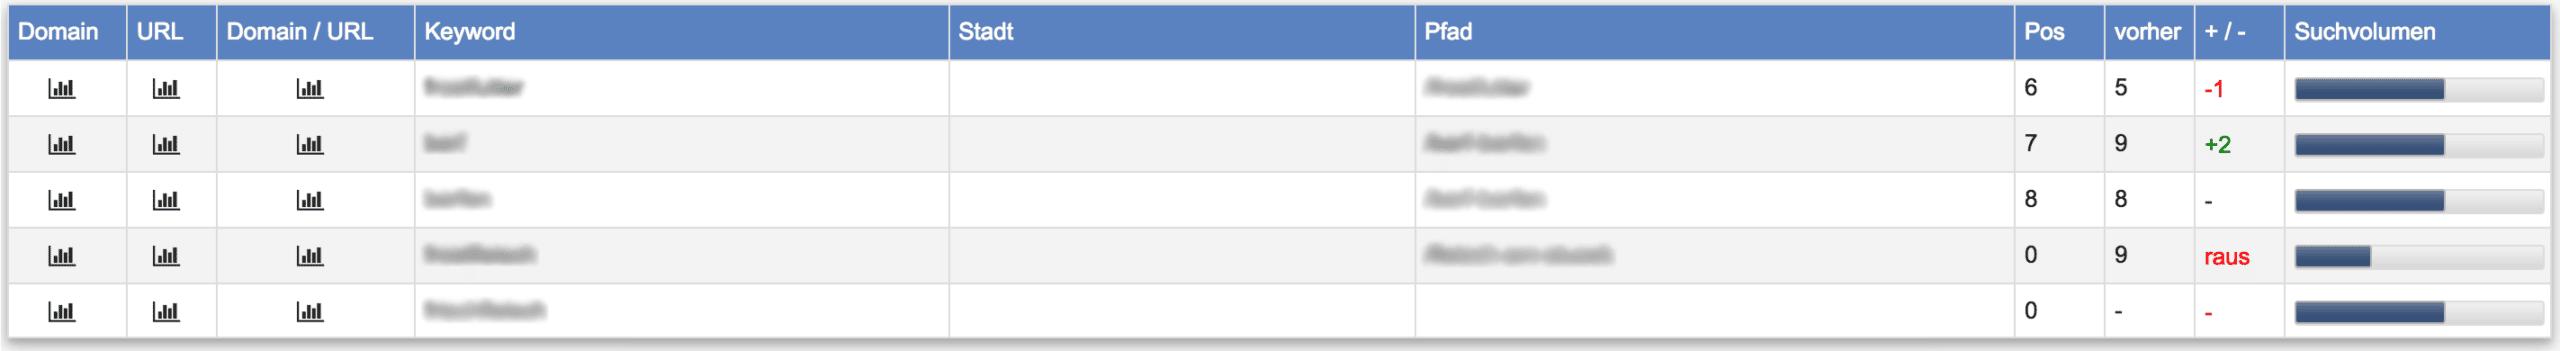 Keyword Monitor - Rankings // Acoonia SEO Software